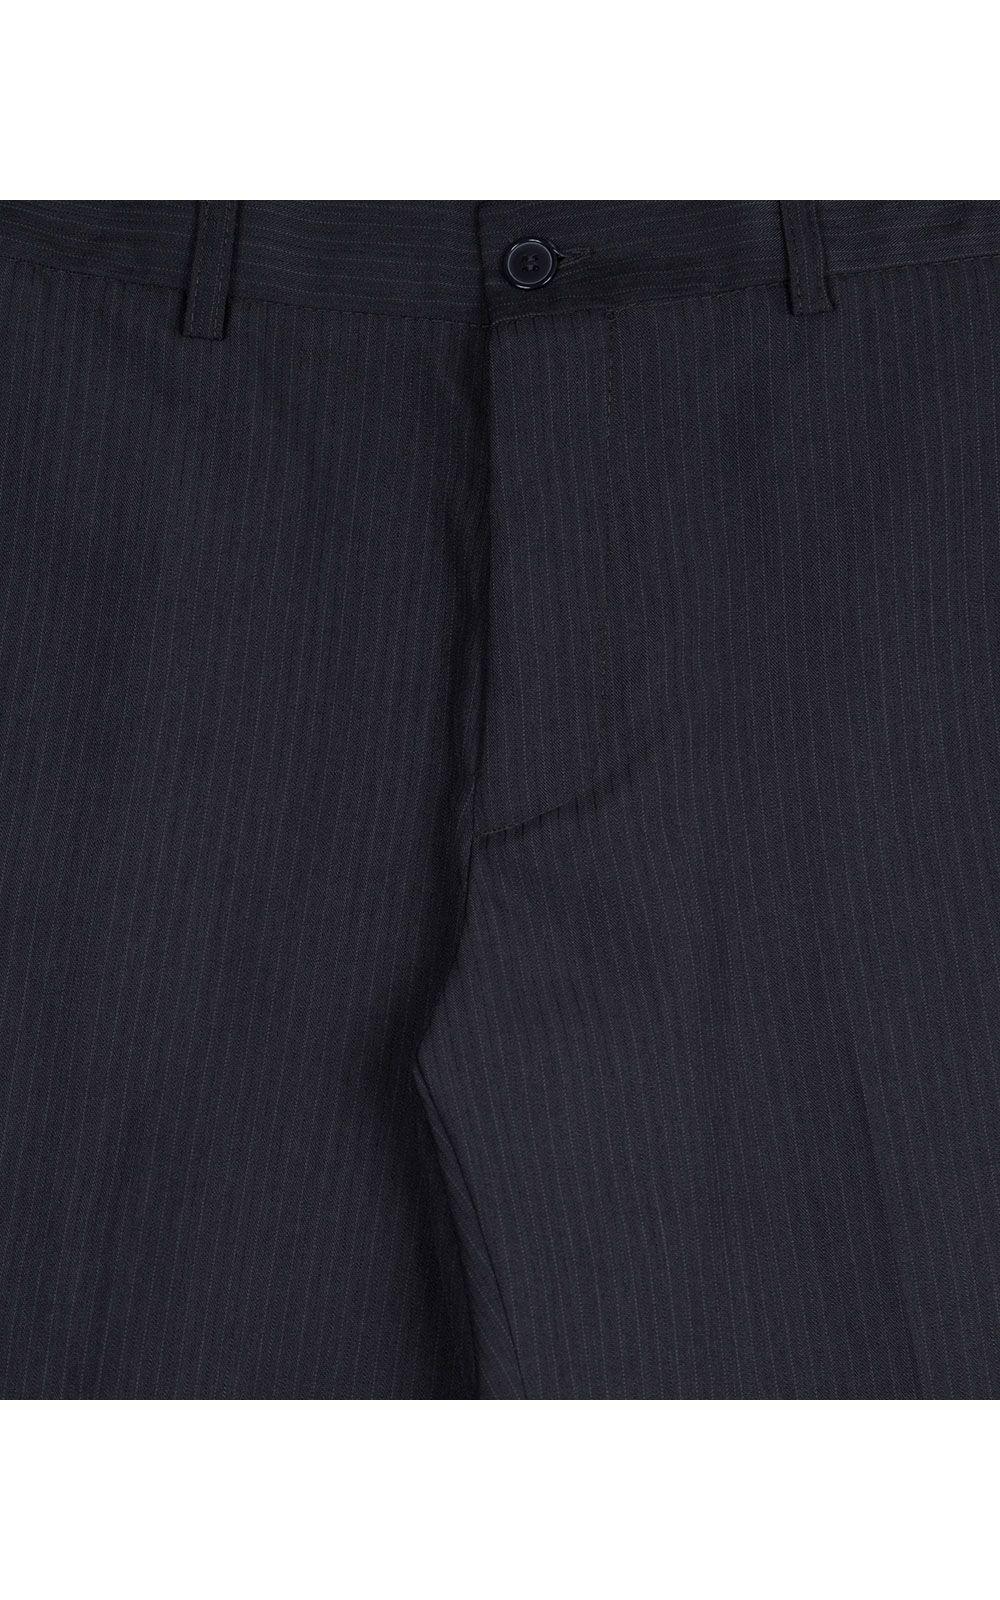 Foto 4 - Calça Social Masculina Azul Marinho Texturizada